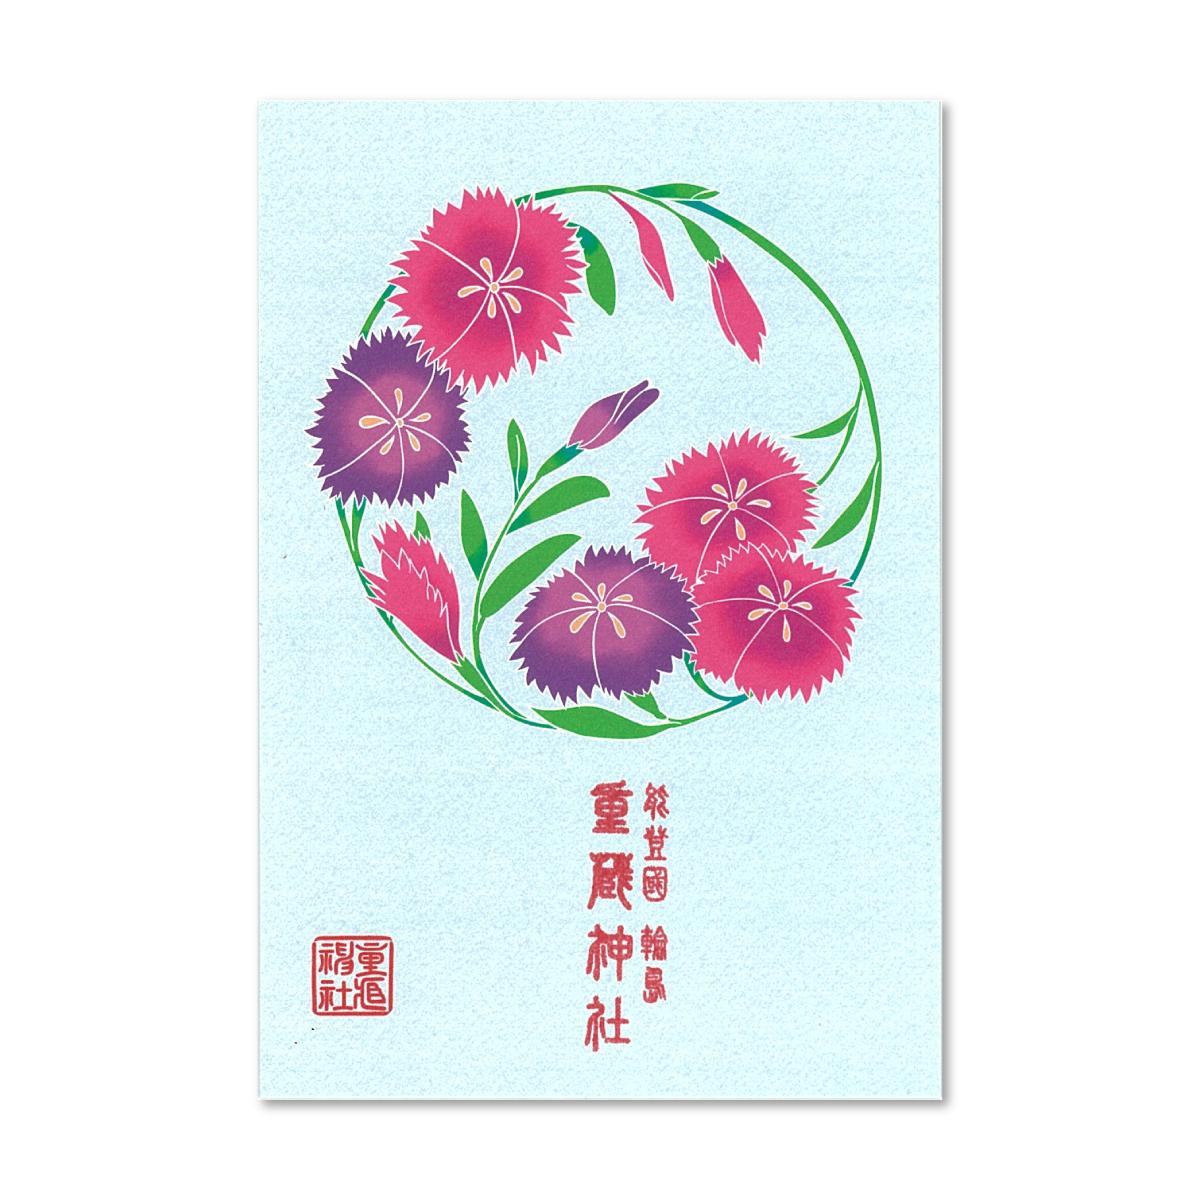 51. 花御朱印8月・花御札